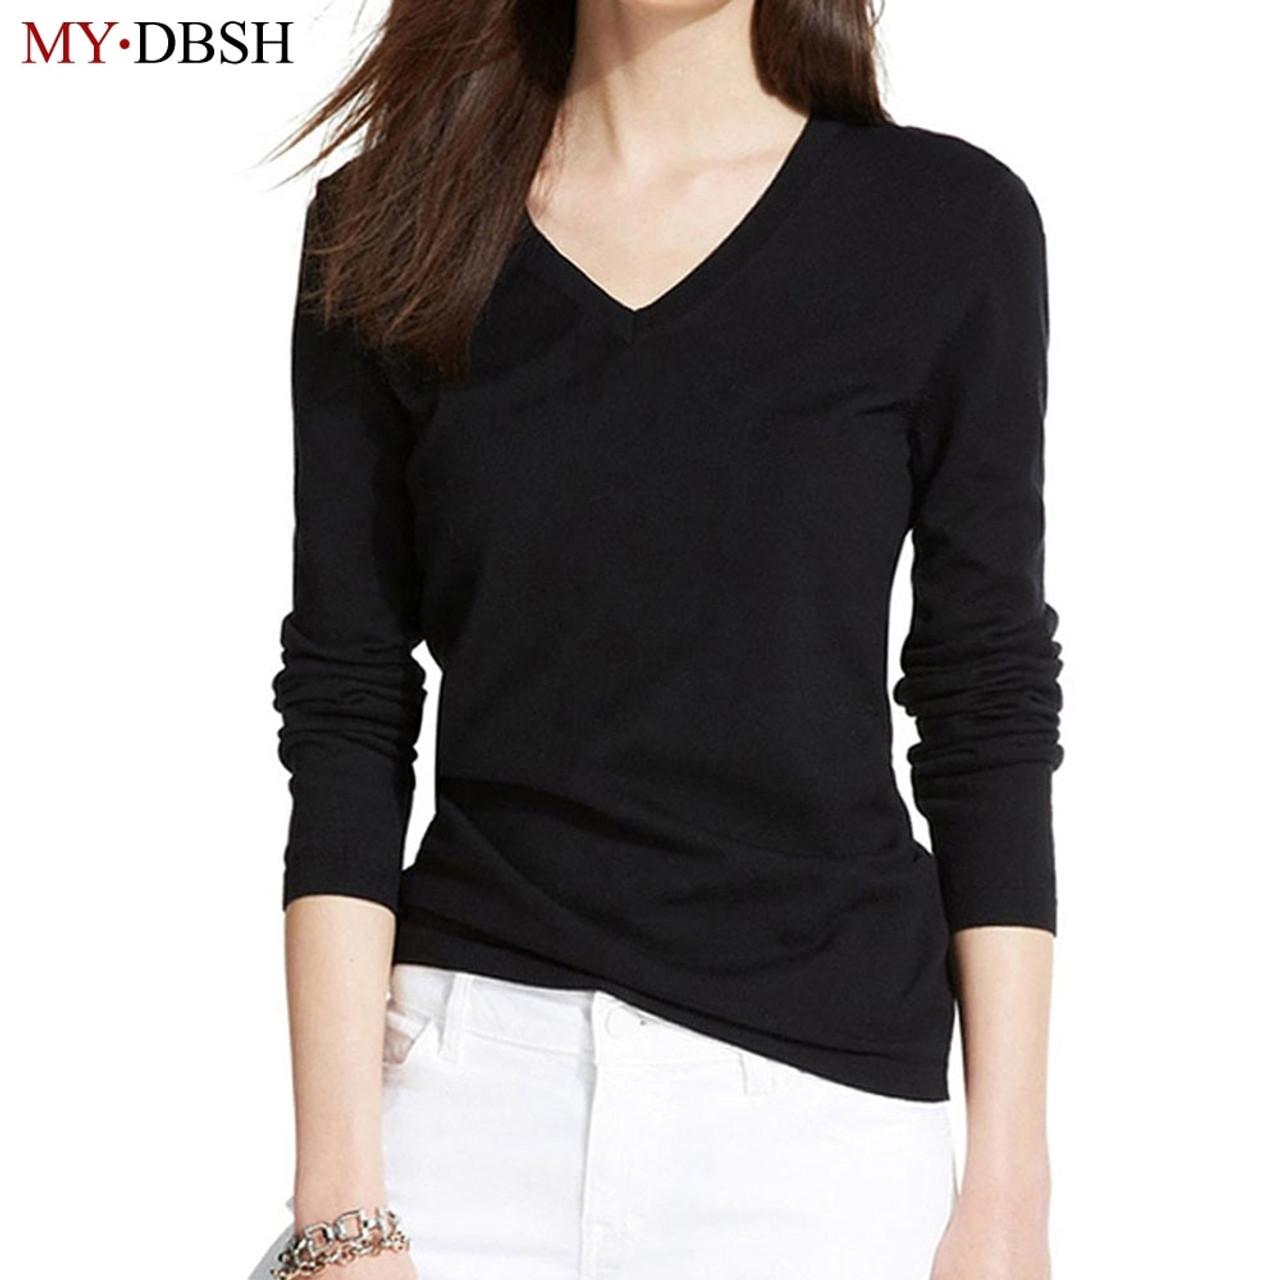 b89df8910e5c ... Fashion Women's T-shirts Long Sleeve Undershirt V Neck Solid color  tshirt Woman Casual Tees ...